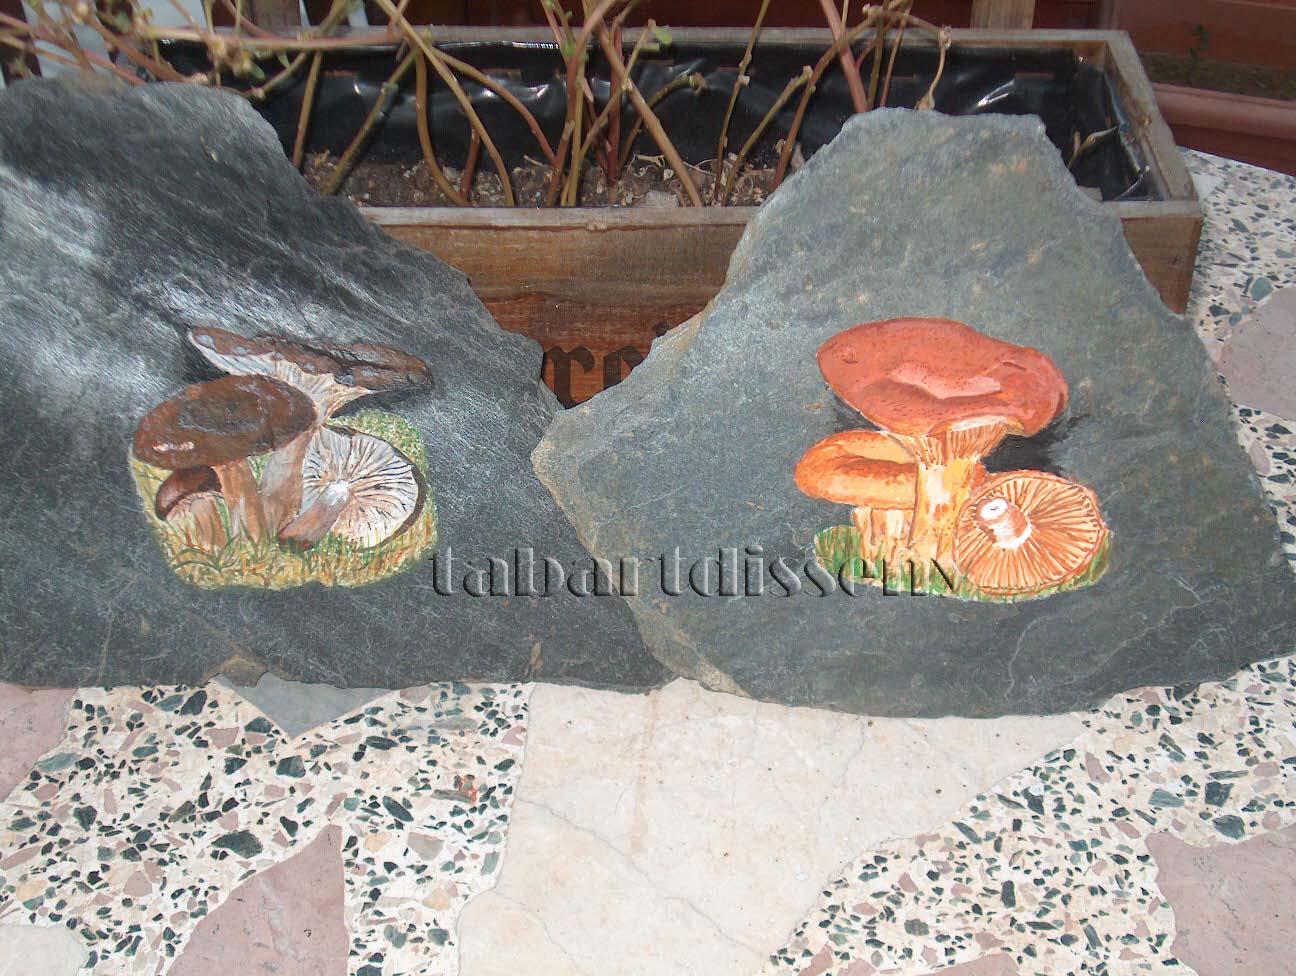 Tabartdisseny pintar piedra de pizarra setas - Piedra de pizarra ...